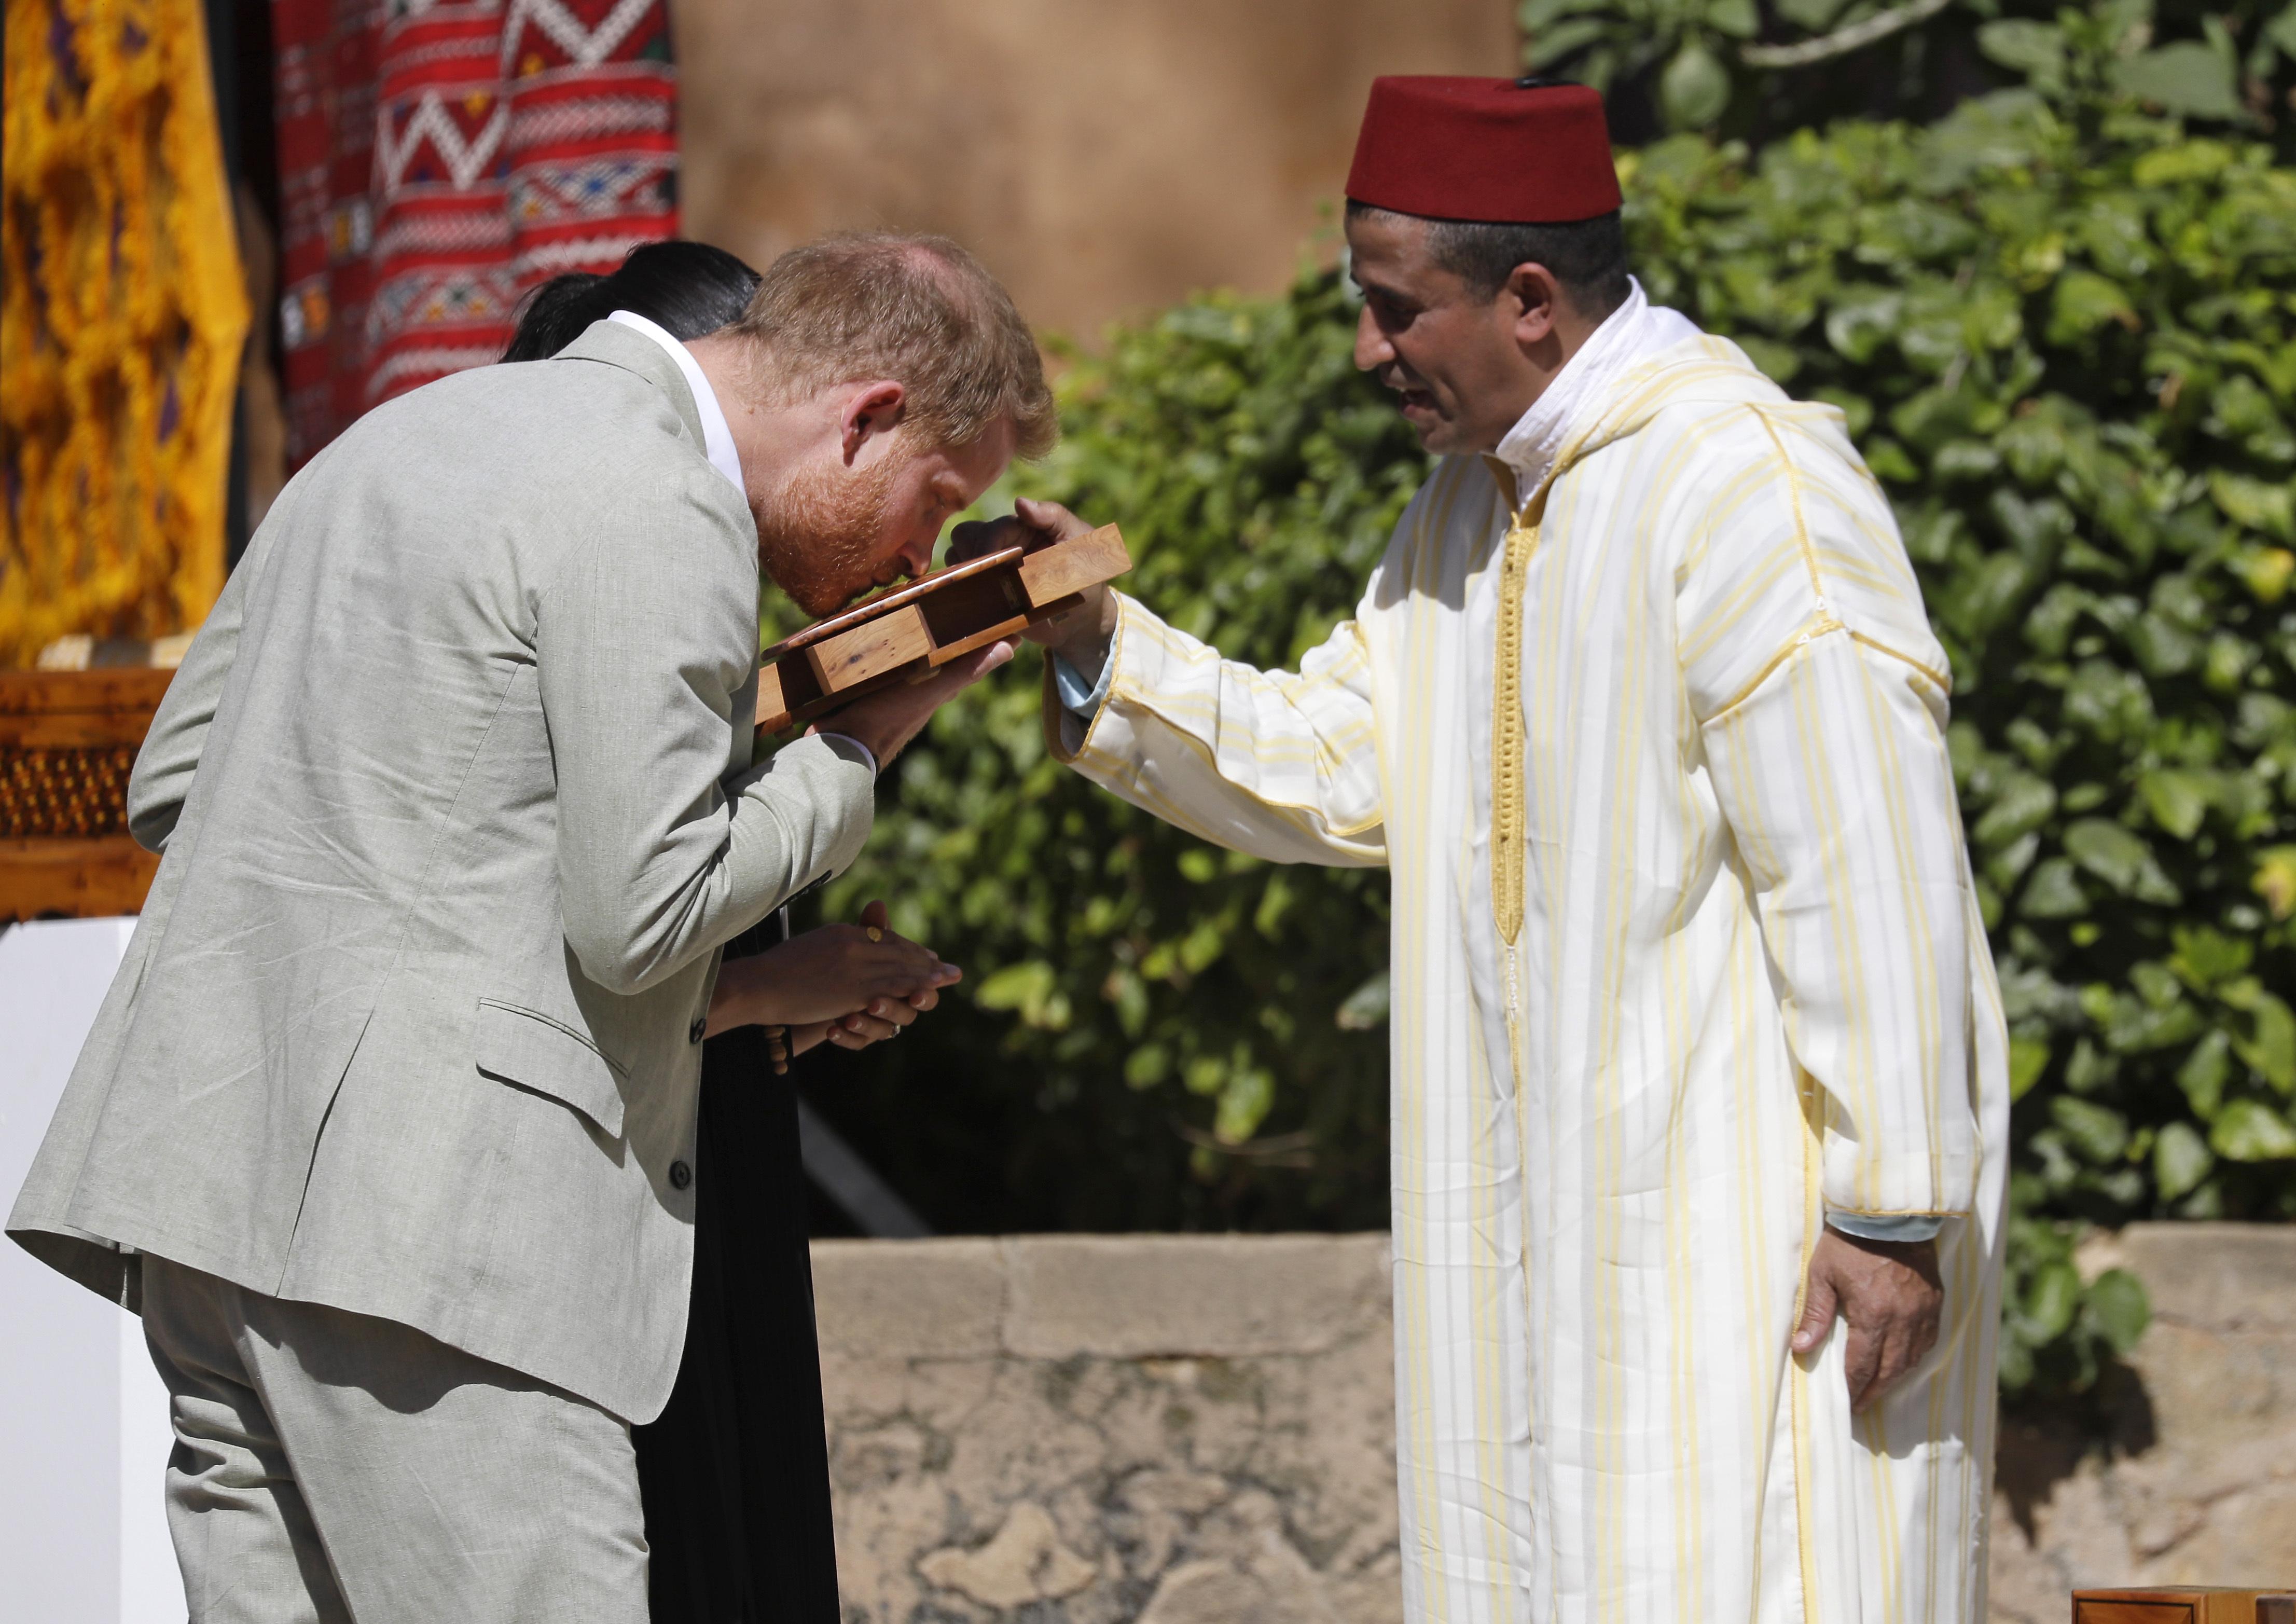 El príncipe Harry huele una caja de madera de cedro como parte de su visita a Rabat. (AP)